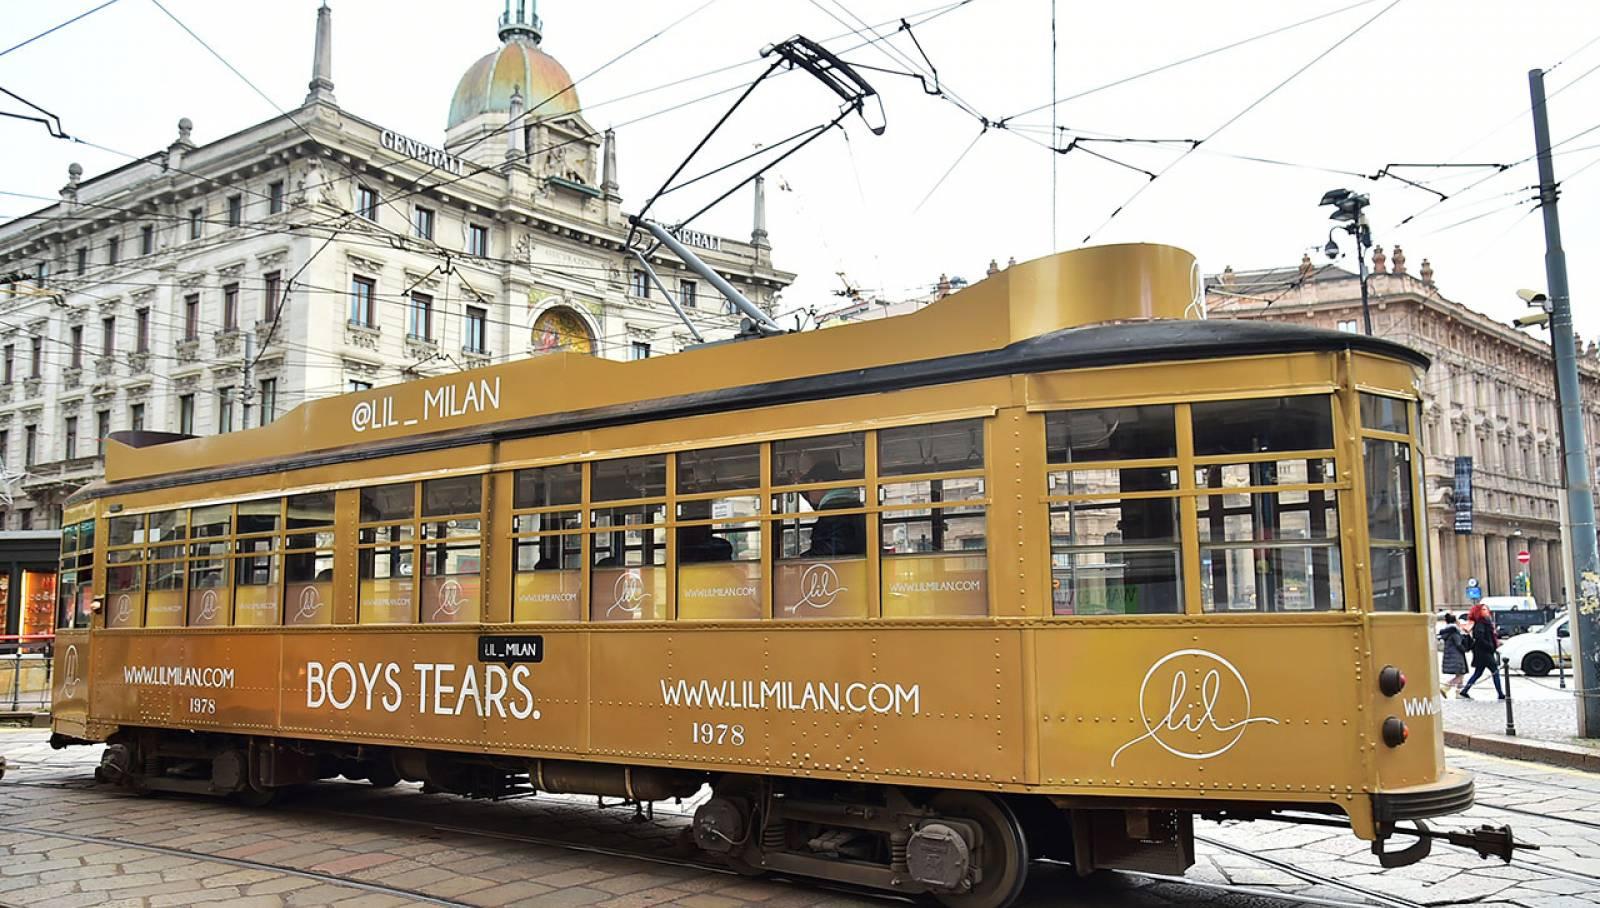 Pubblicità su tram Milano IGPDecaux tram decorato per LIL